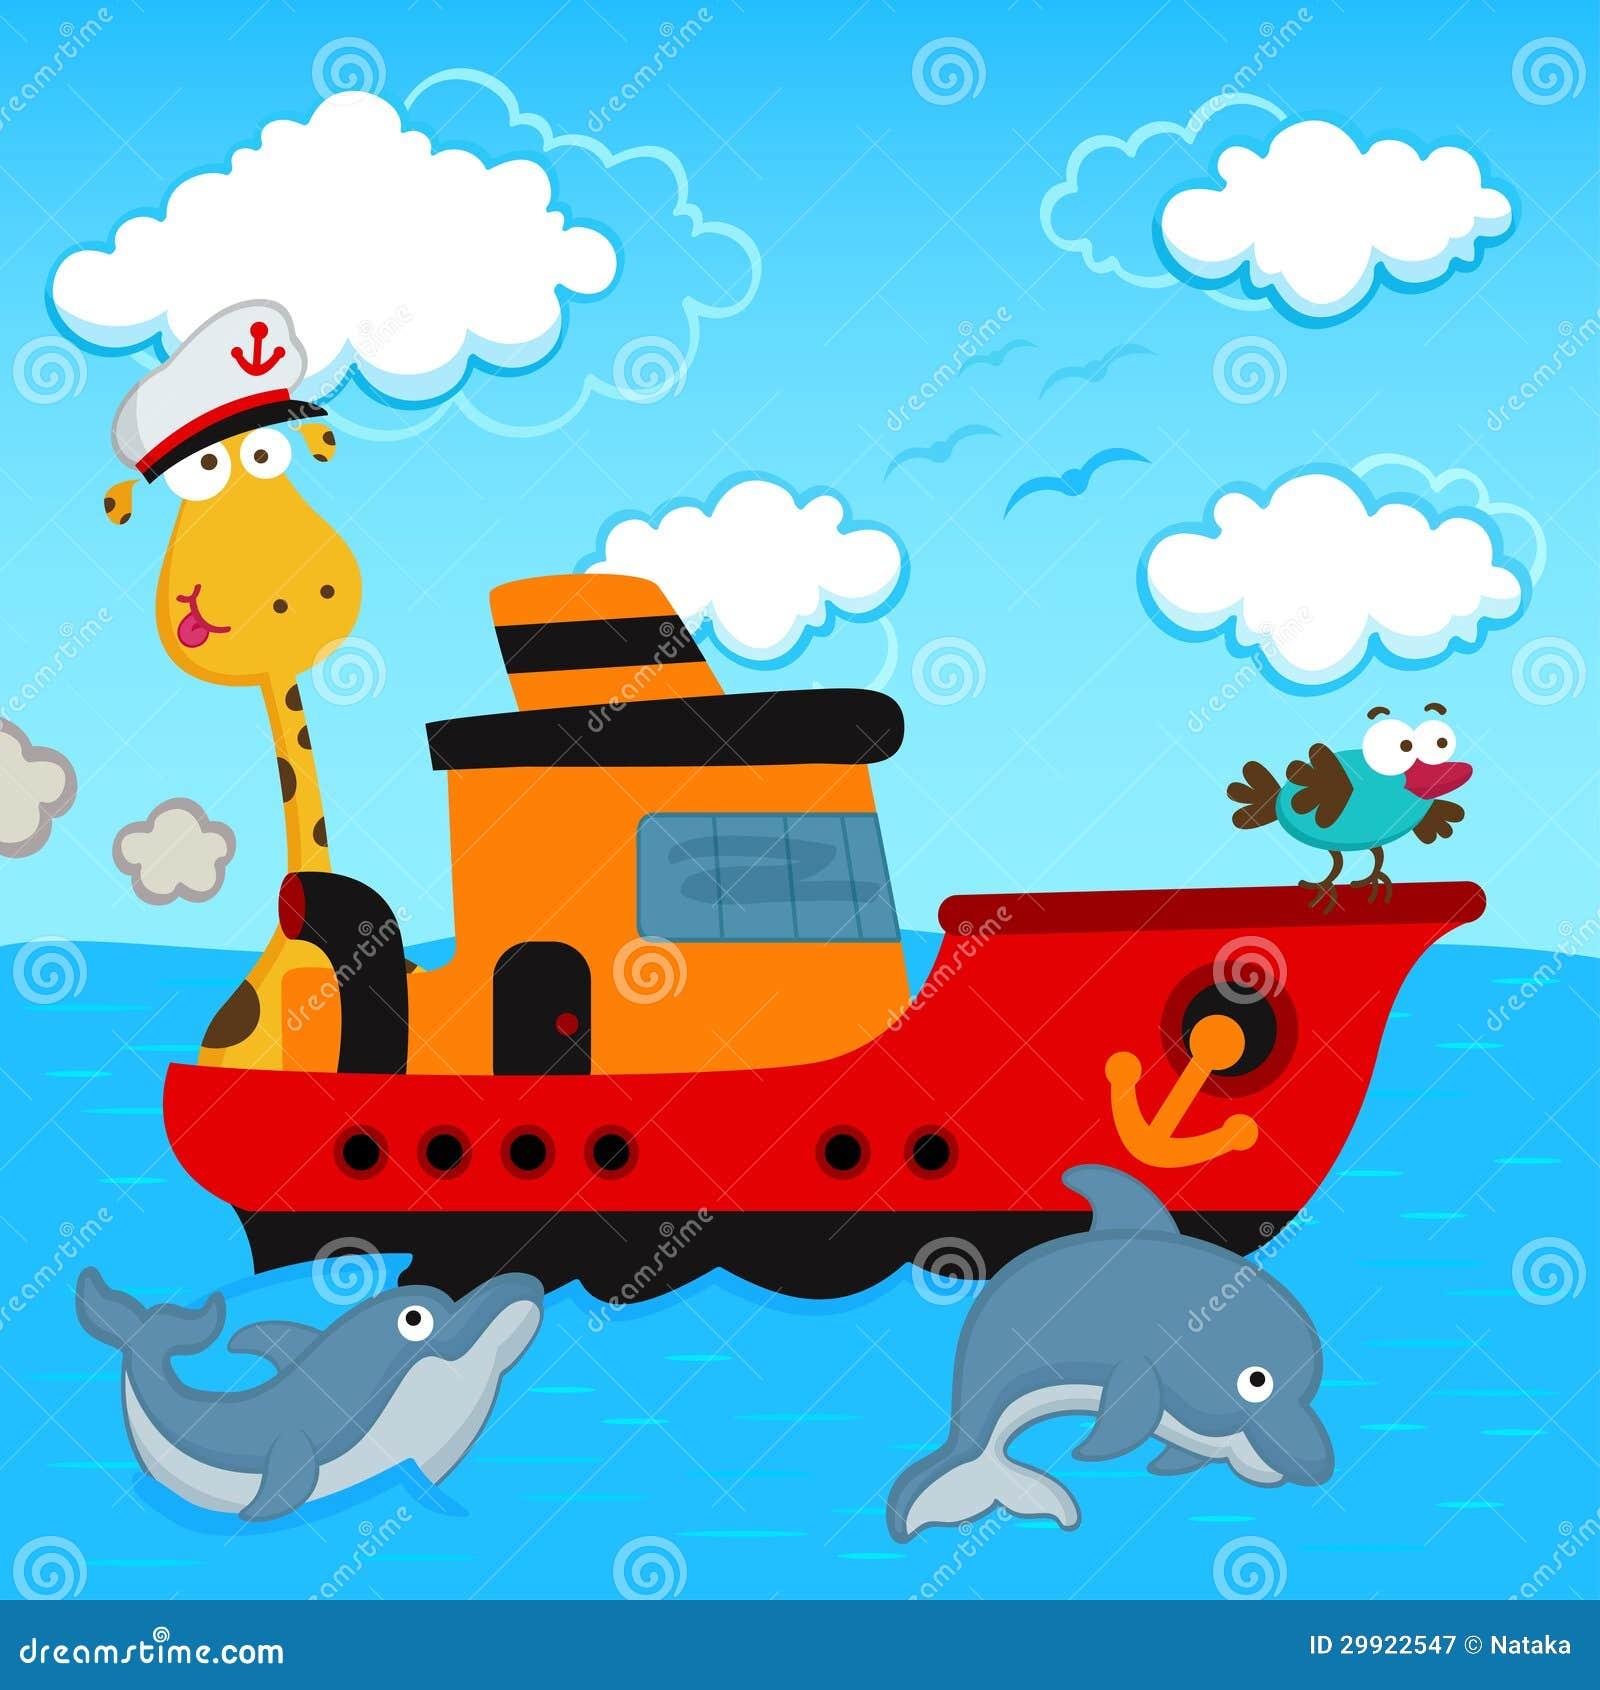 Giraffe and bird in a ship